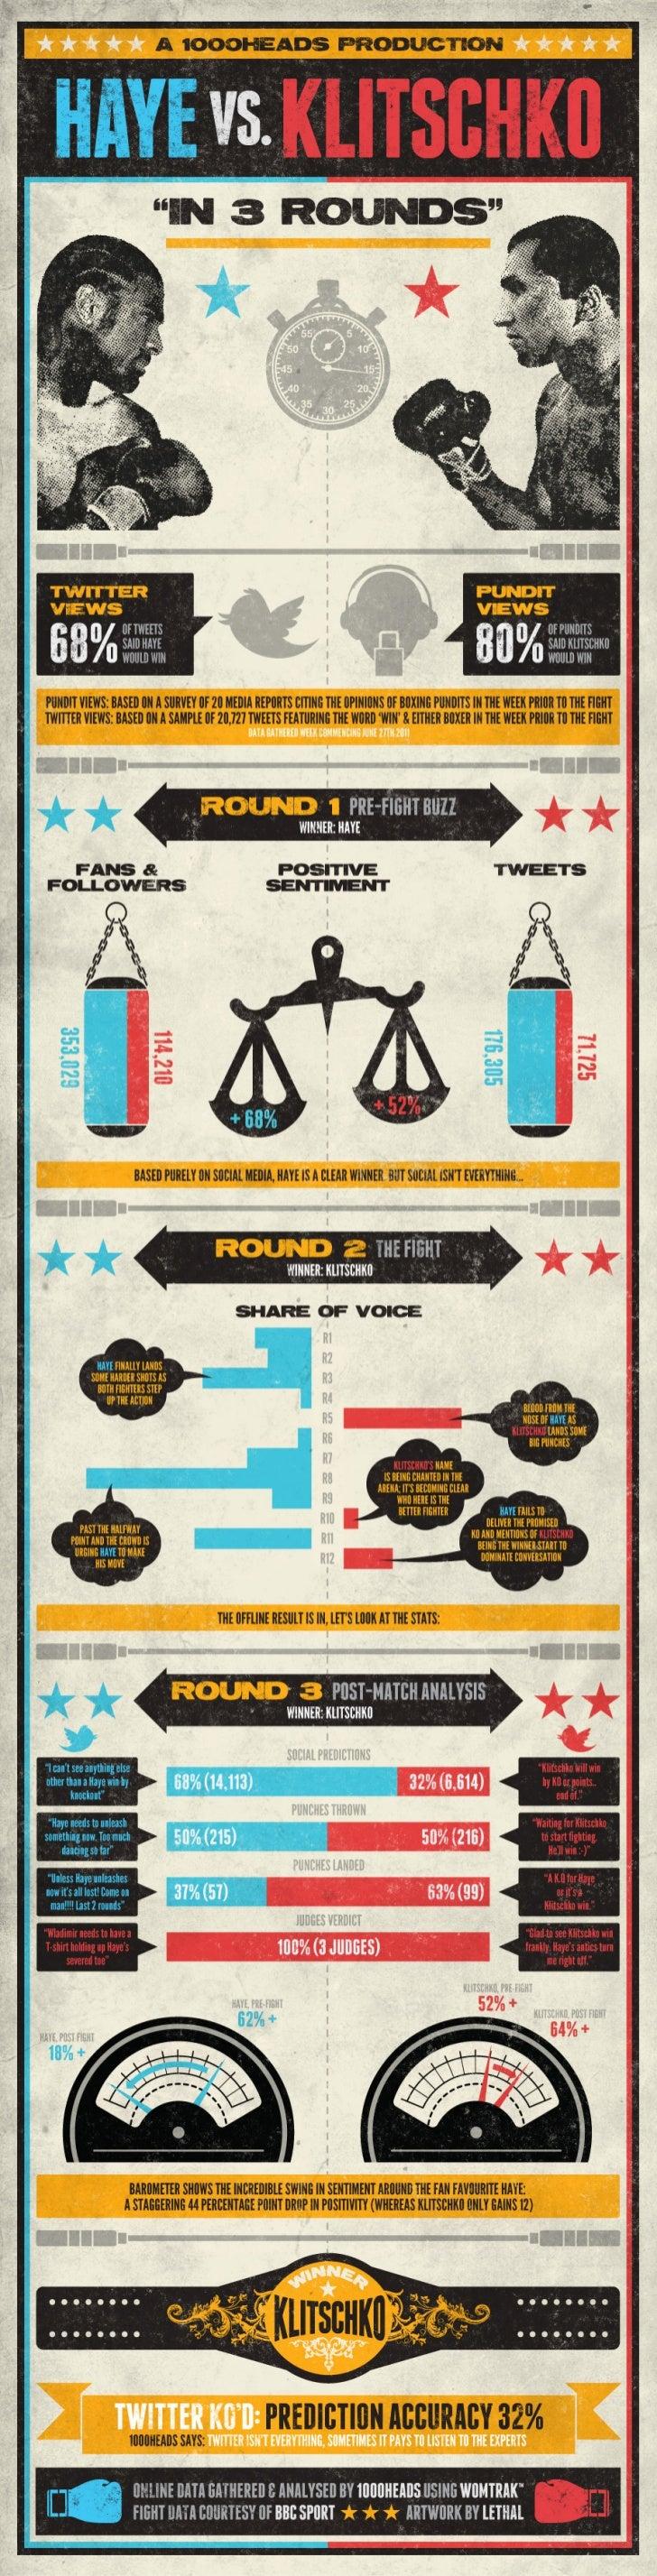 Haye v Klitschko: The Infographic